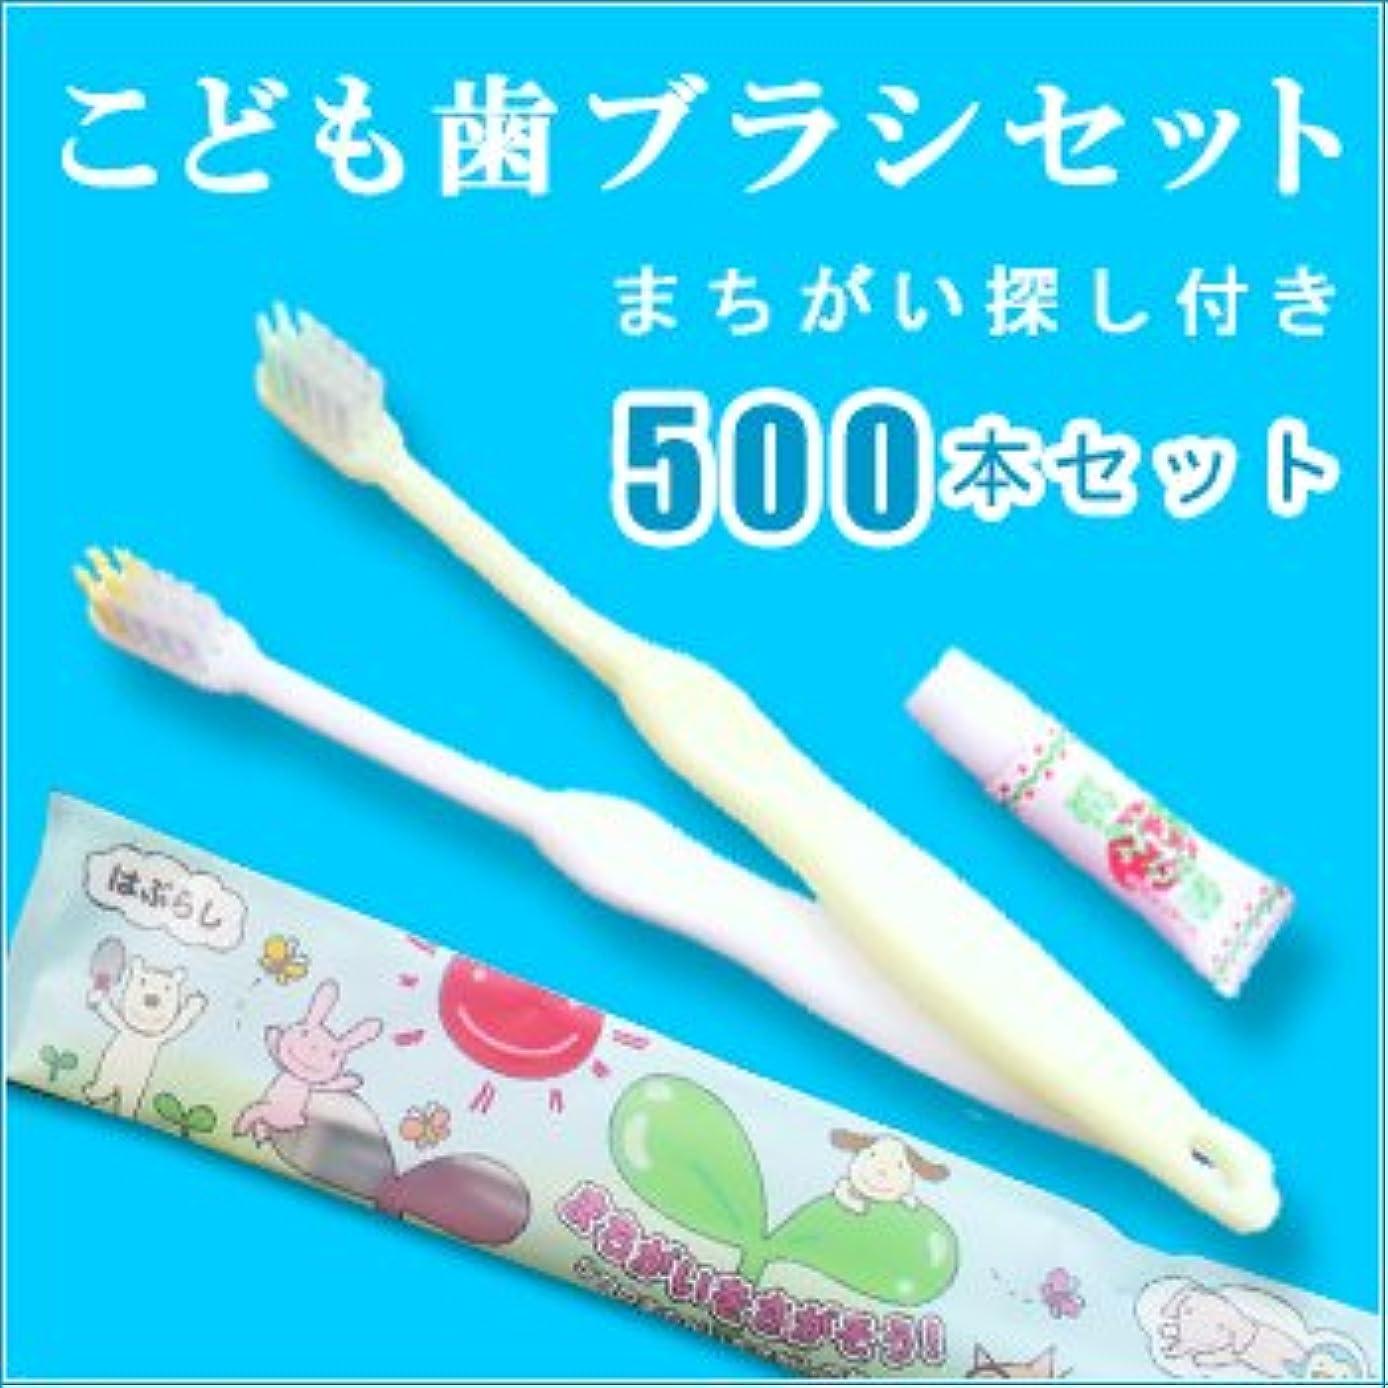 アイザック任意寂しいこども用歯ブラシ いちご味の歯磨き粉 3gチューブ付 ホワイト?イエロー2色アソート(1セット500本)1本当たり34円